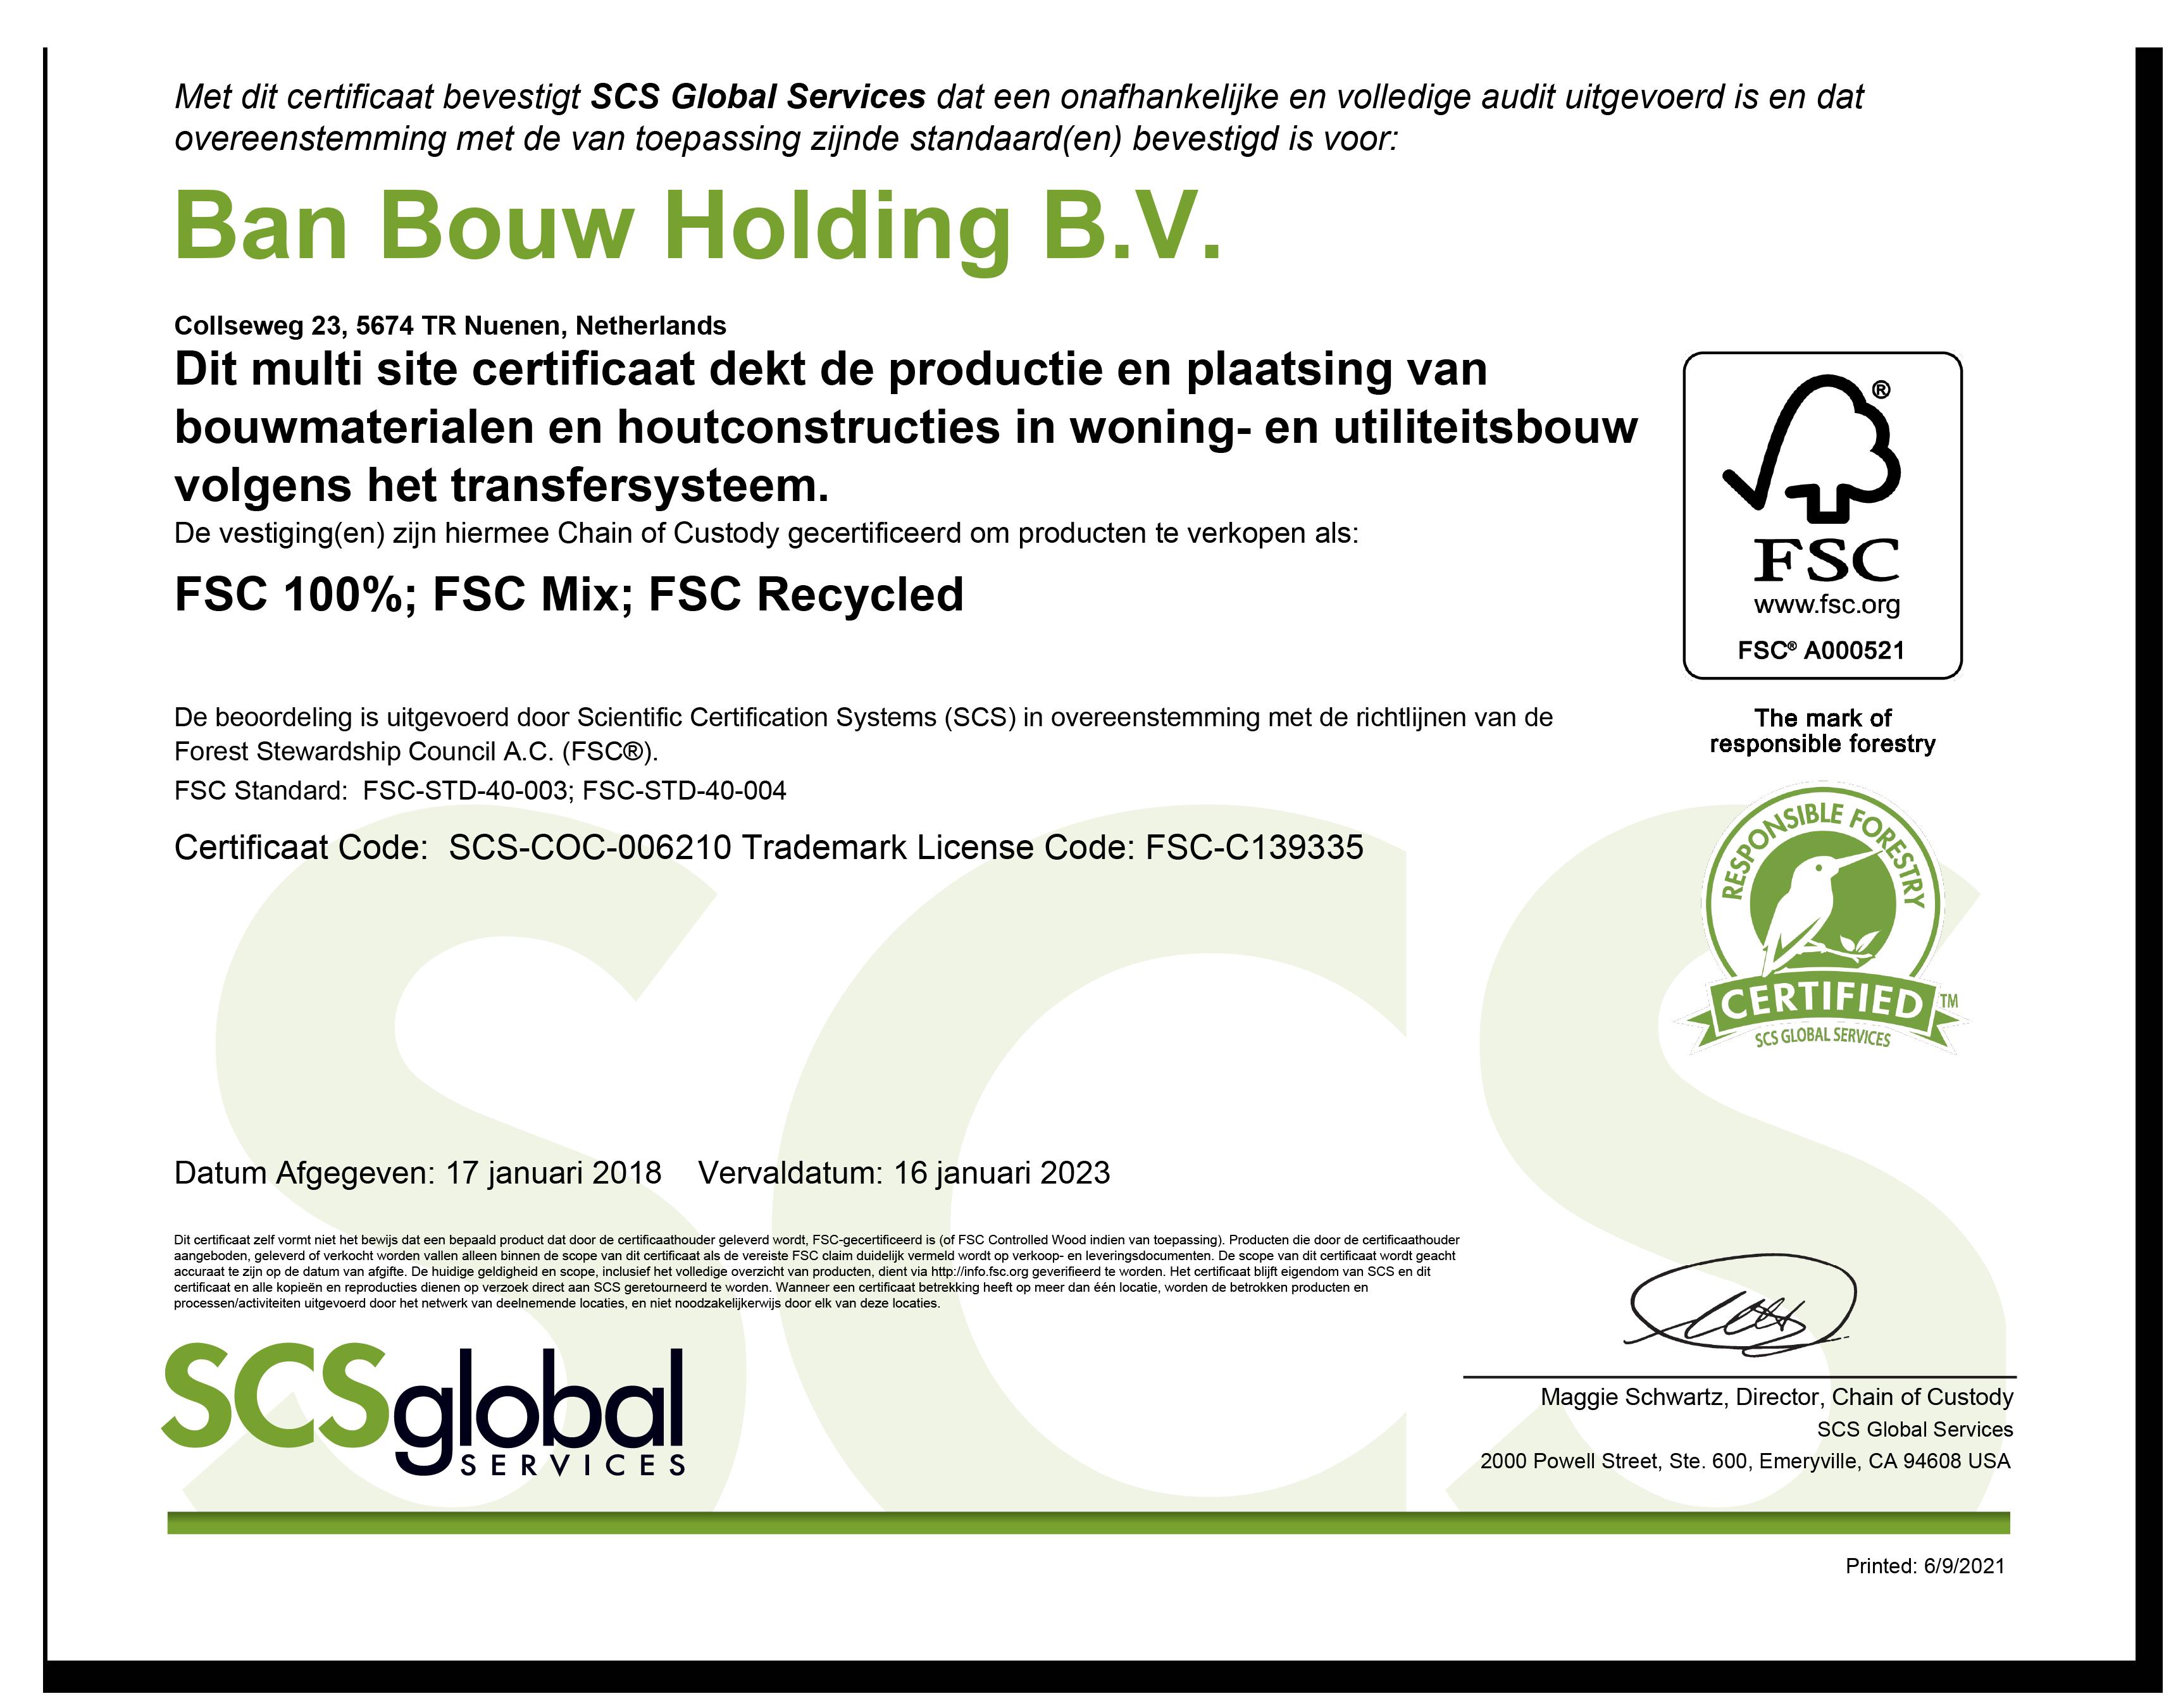 fcs-certificaat-arcon-houtconstructies